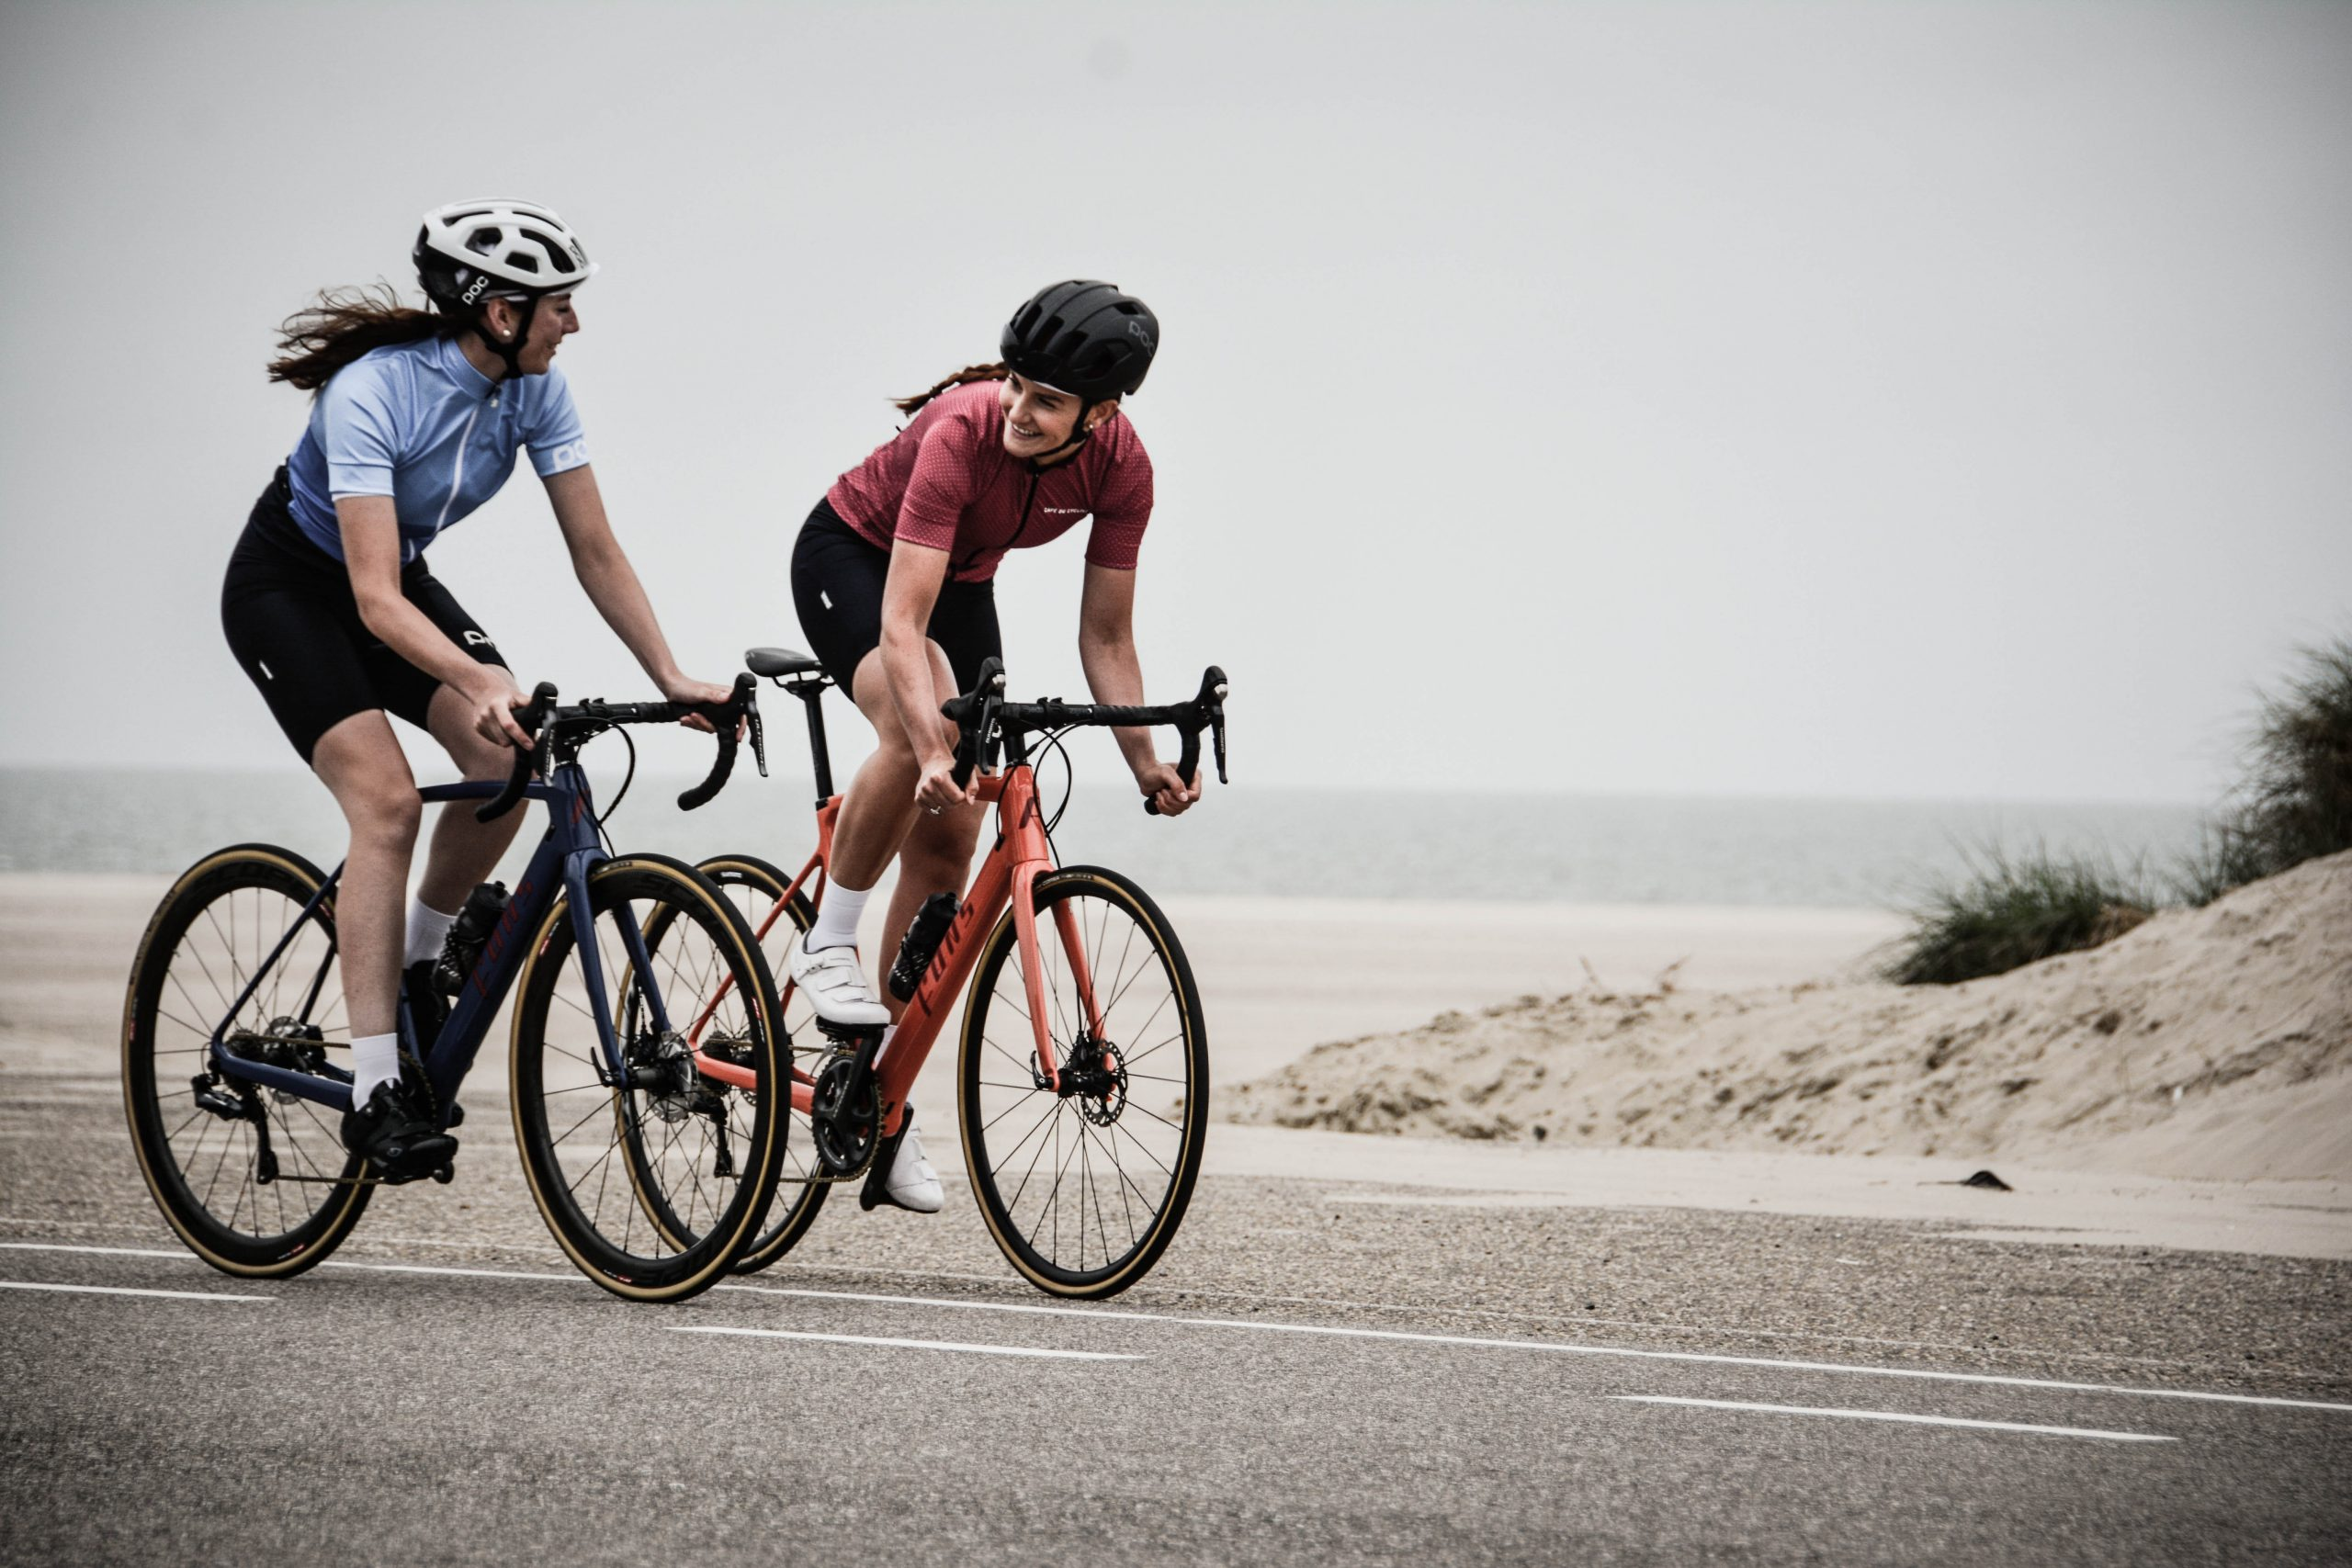 cyclisme féminin 8 mars